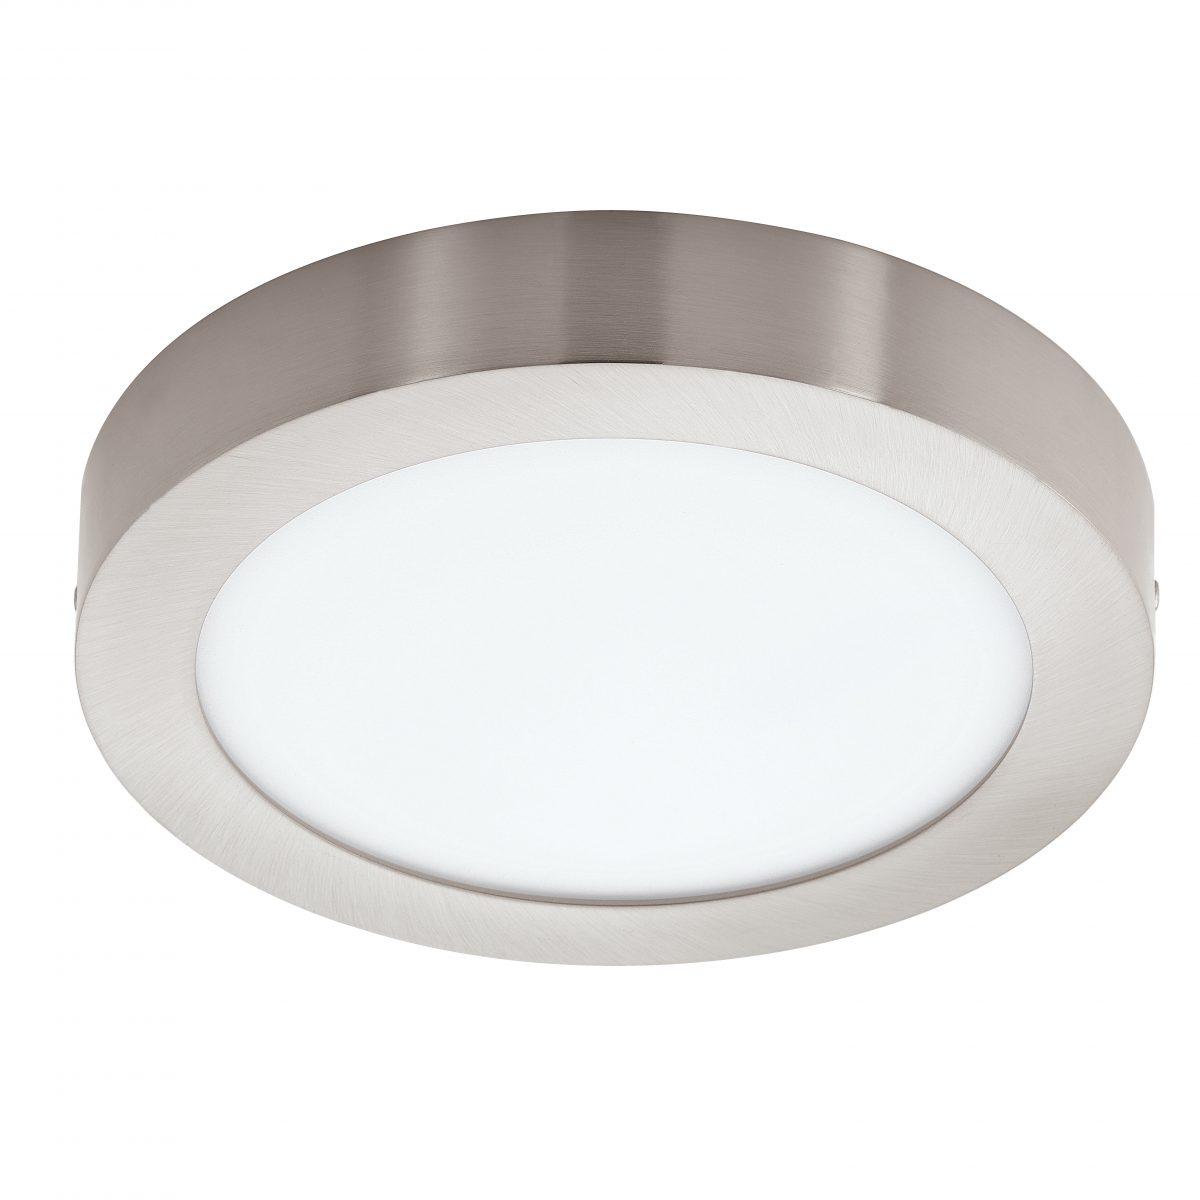 Светильник настенно-потолочный FUEVA-C/CONNECT EGLO 96677 - Фото №28